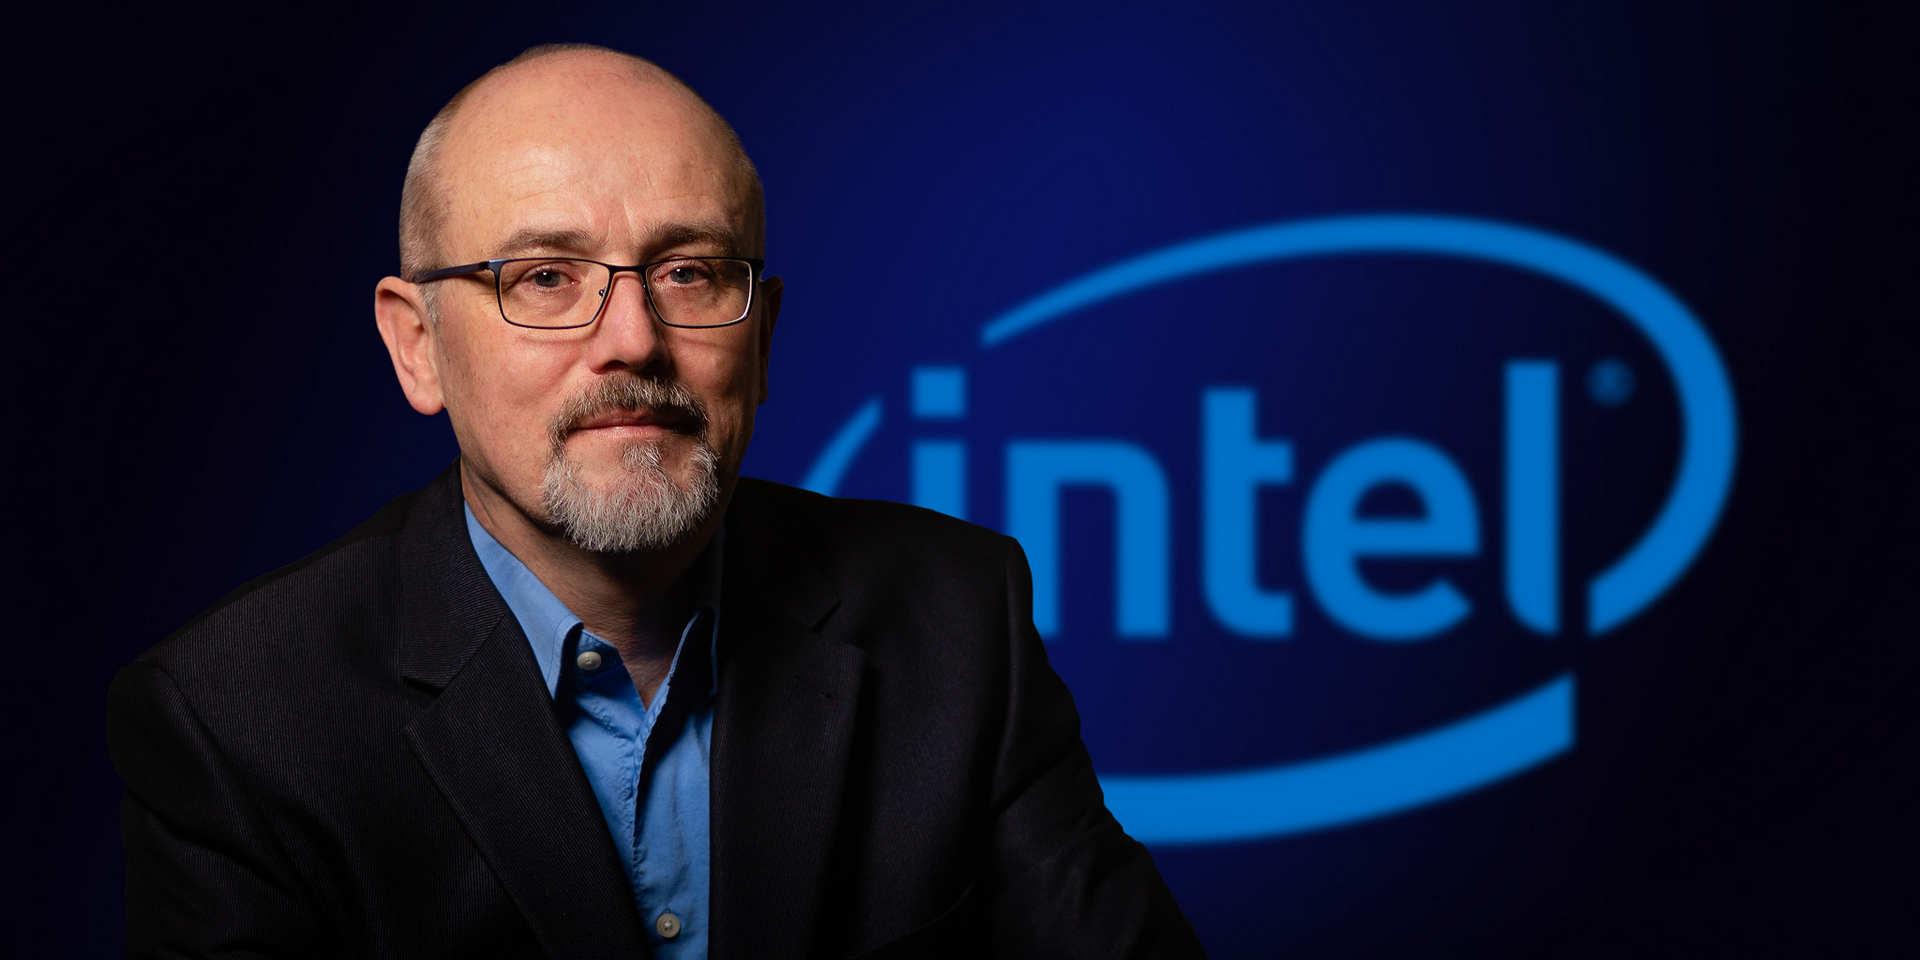 Potrét manažera firmy Intel.ů